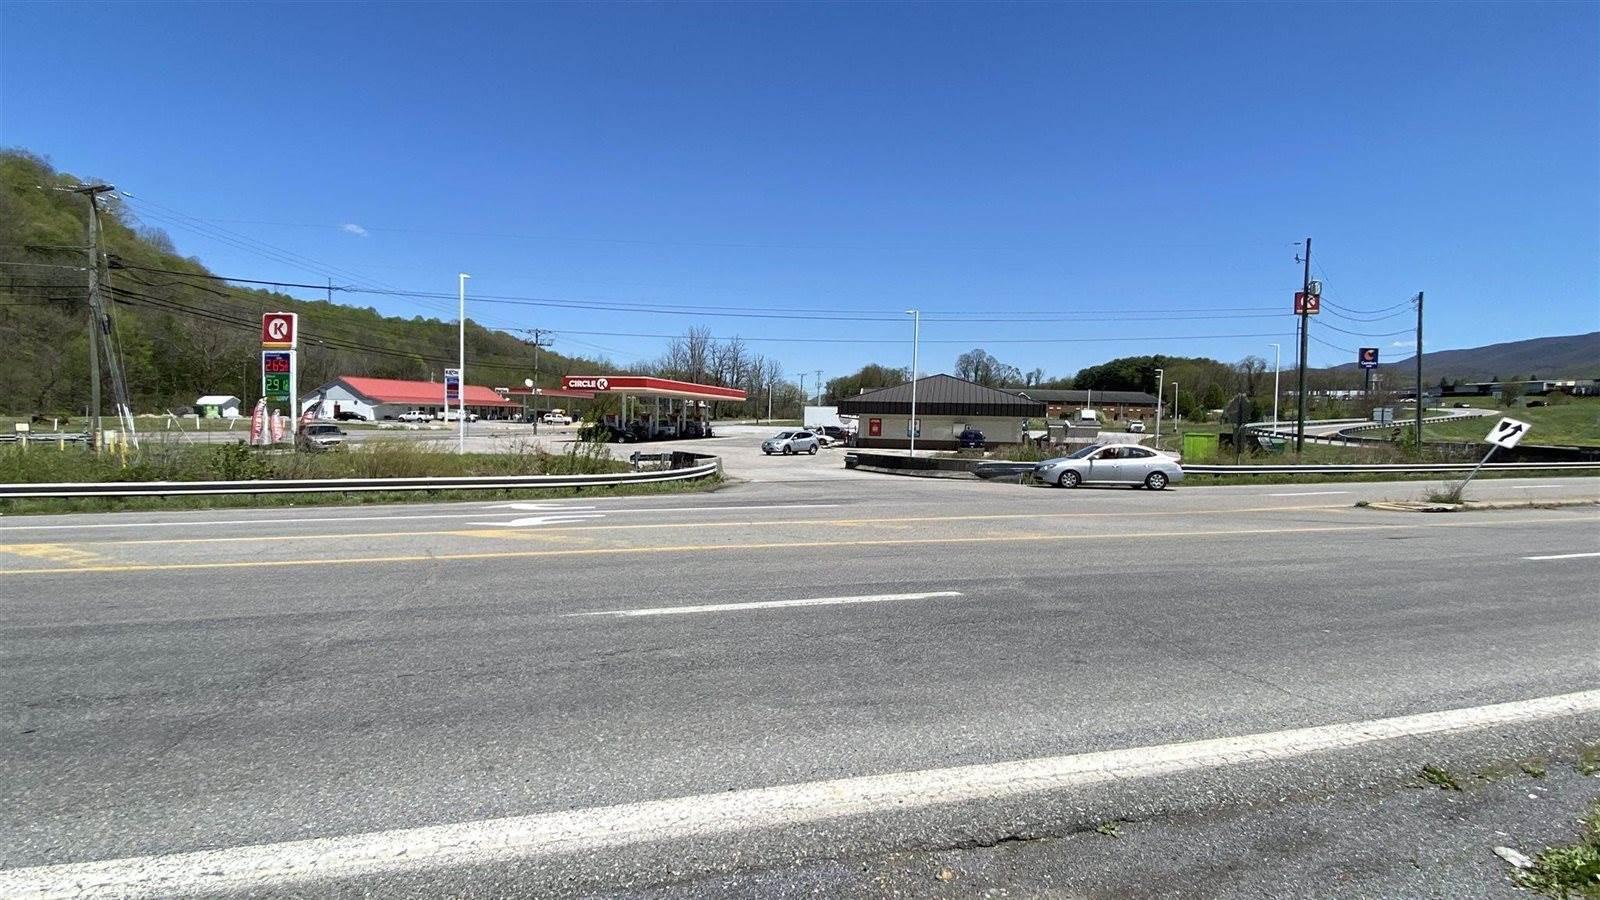 TBD Nicks Creek Road, Atkins, VA 24311